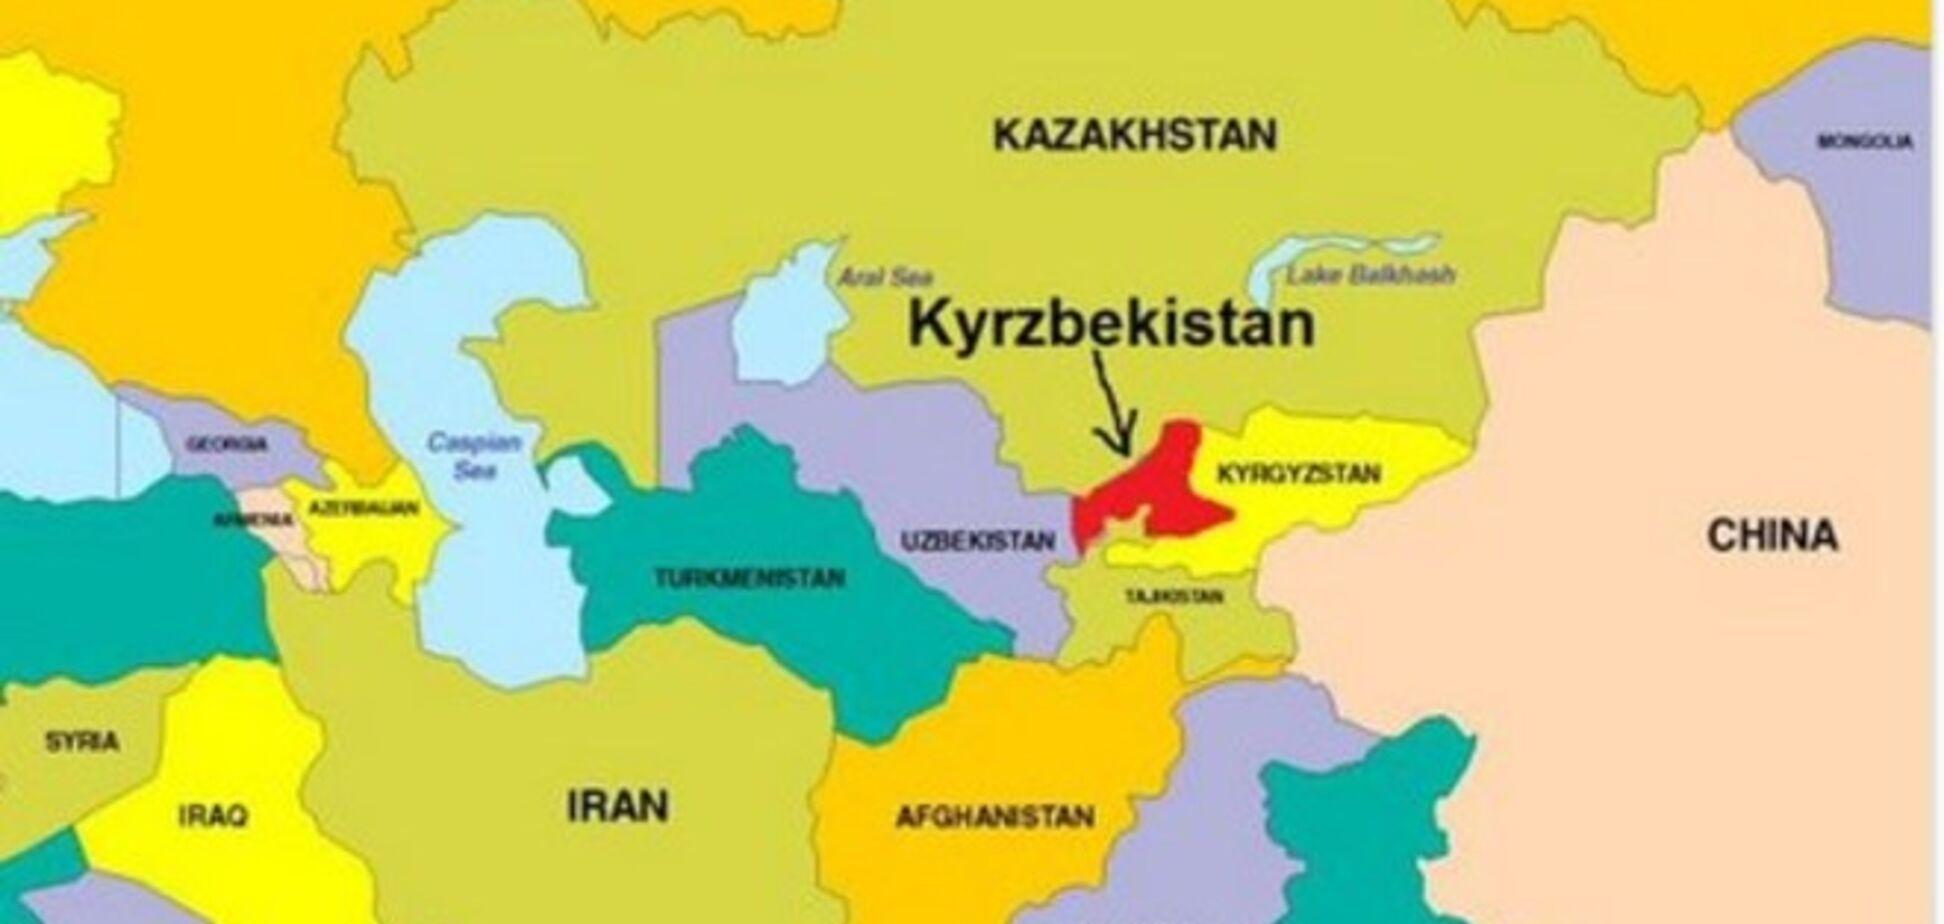 Financial Times побоюється, що Кремль захоче захистити російськомовних громадян вітруальной країни Кирзбекістан